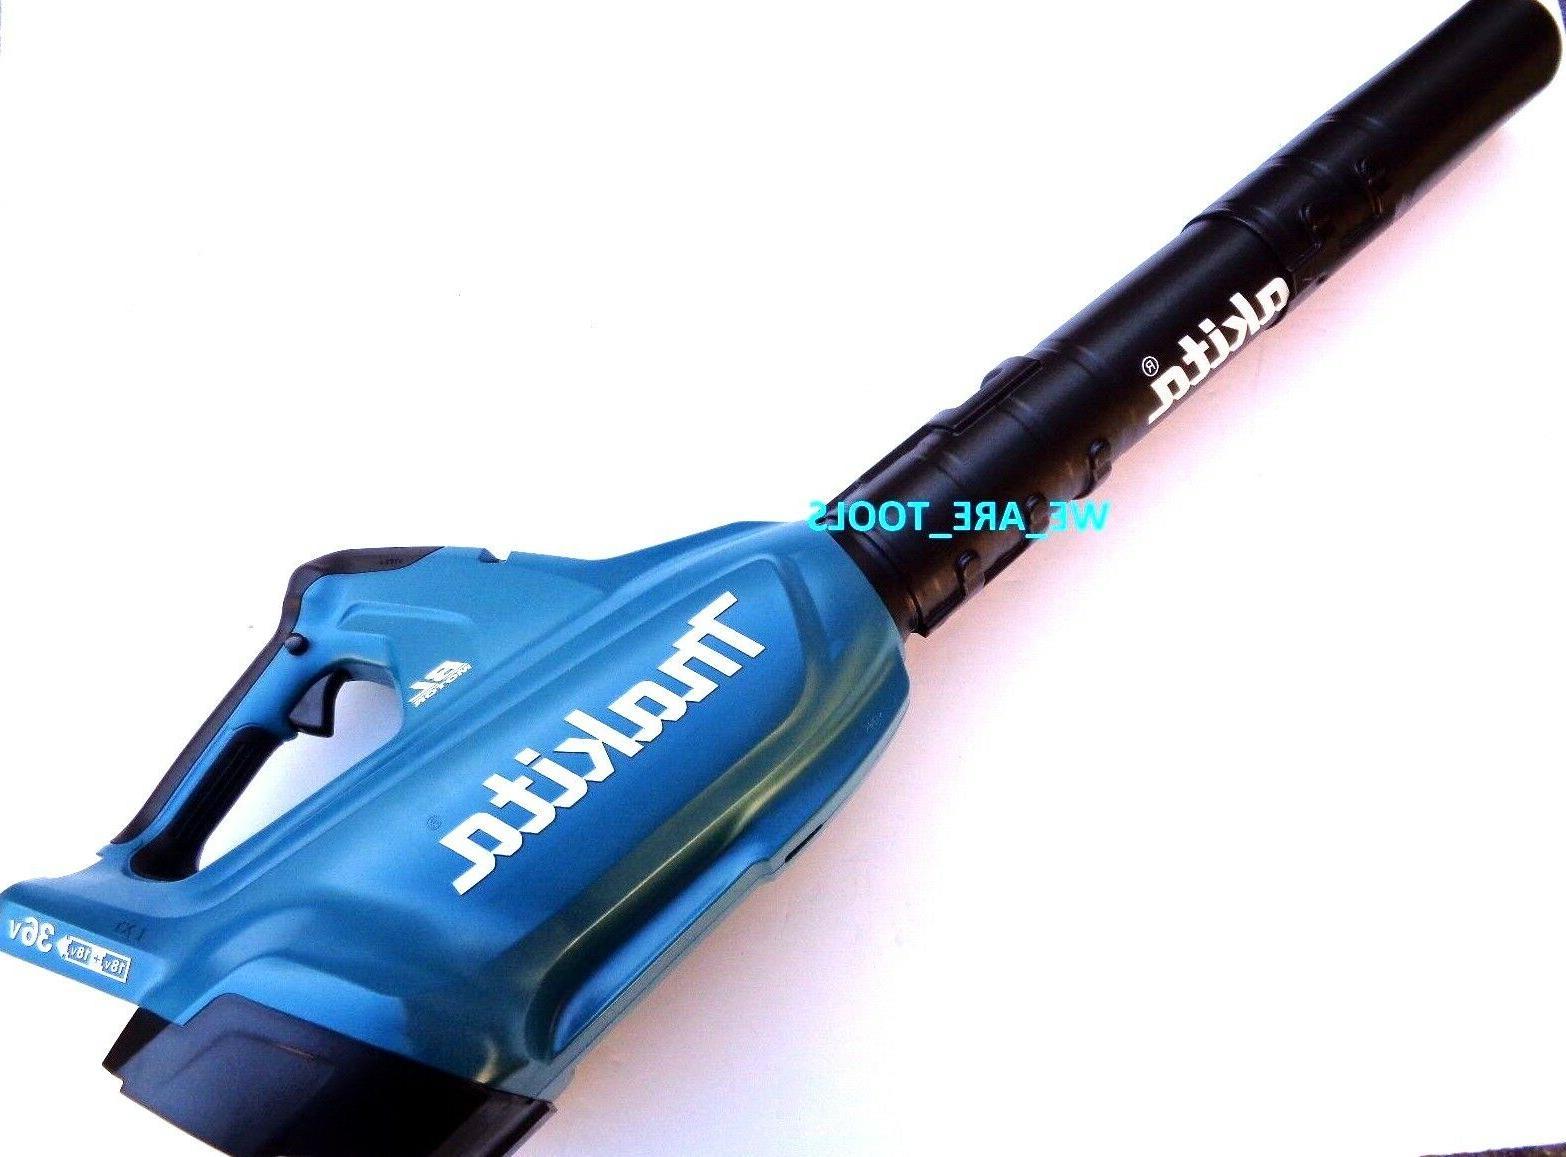 xbu02z lxt lithium ion brushless